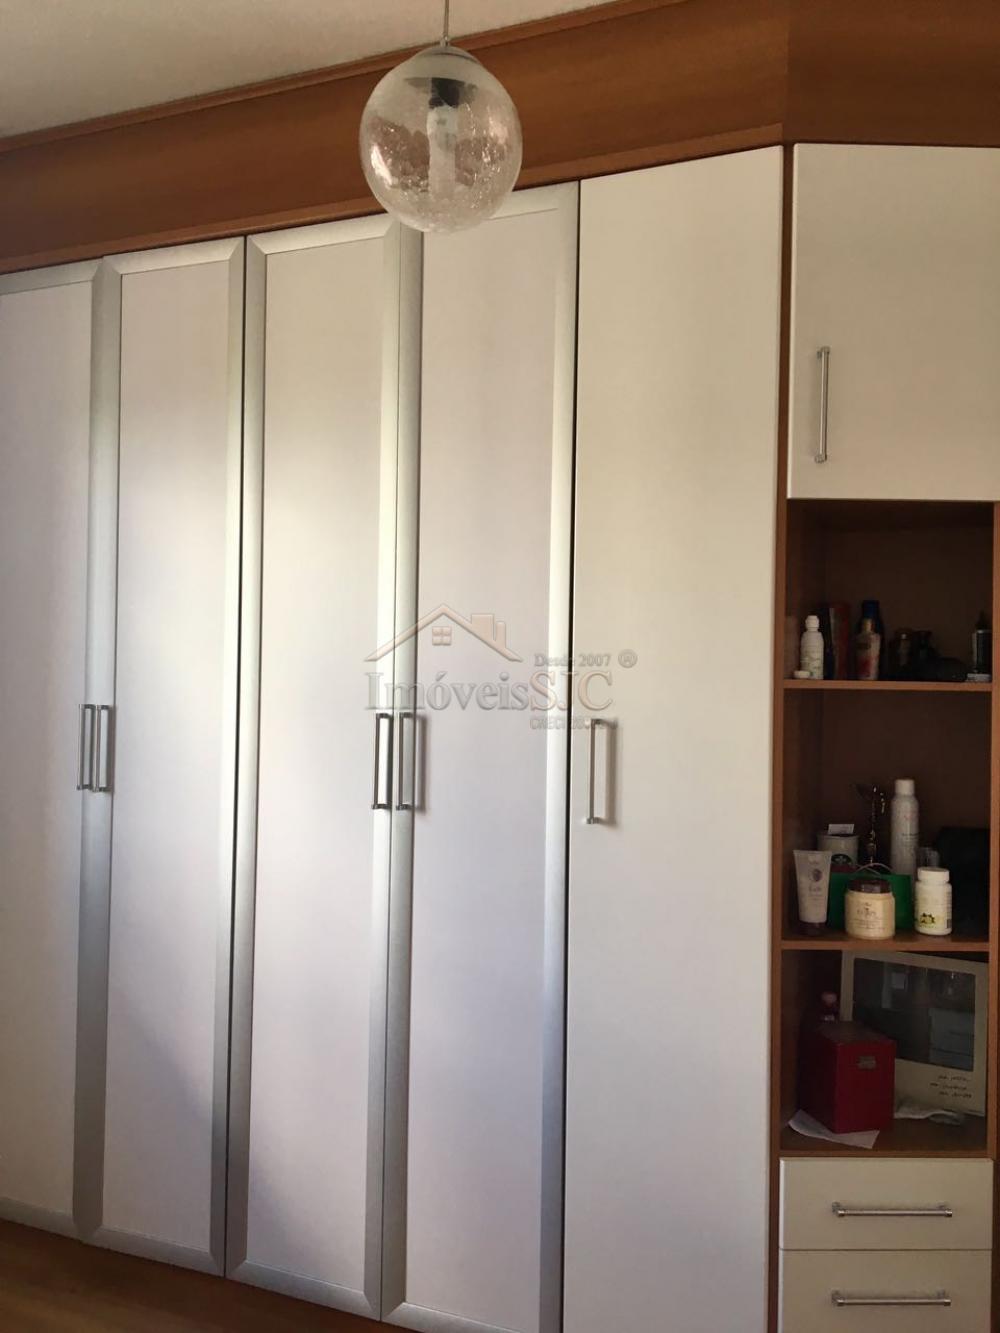 Comprar Apartamentos / Padrão em São José dos Campos apenas R$ 630.000,00 - Foto 23